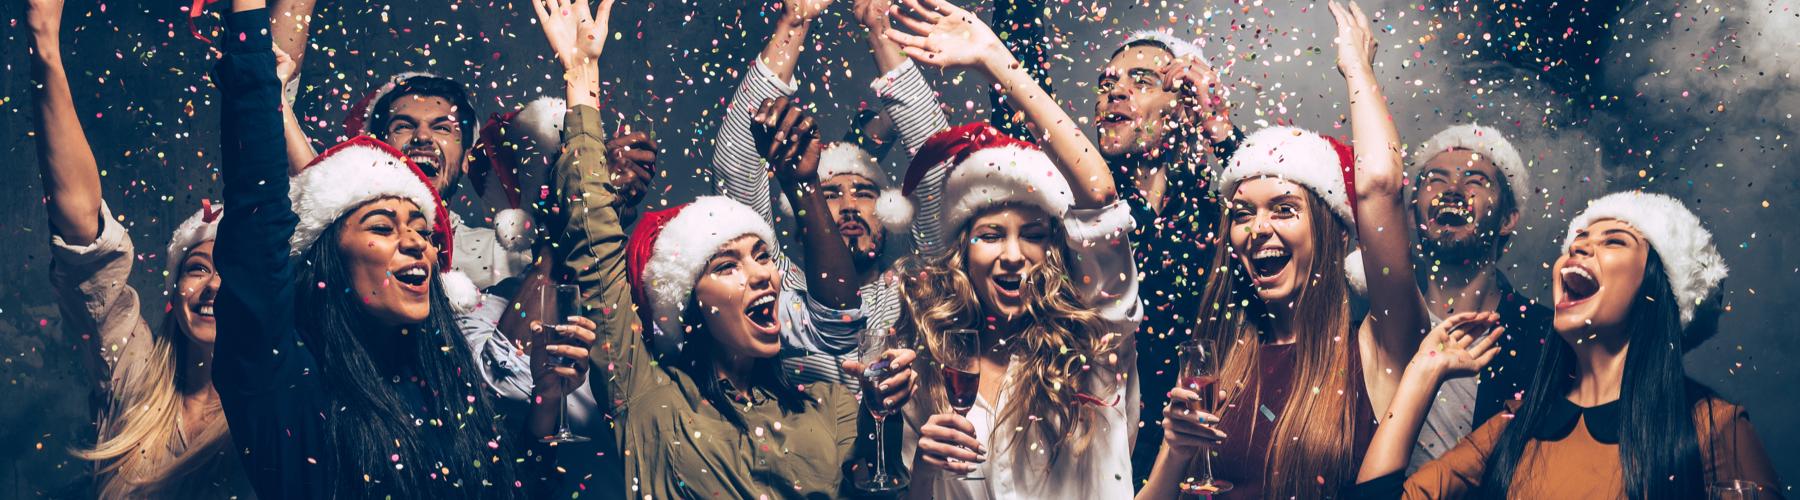 5 idées marketing pour Noël pour vous inspirer